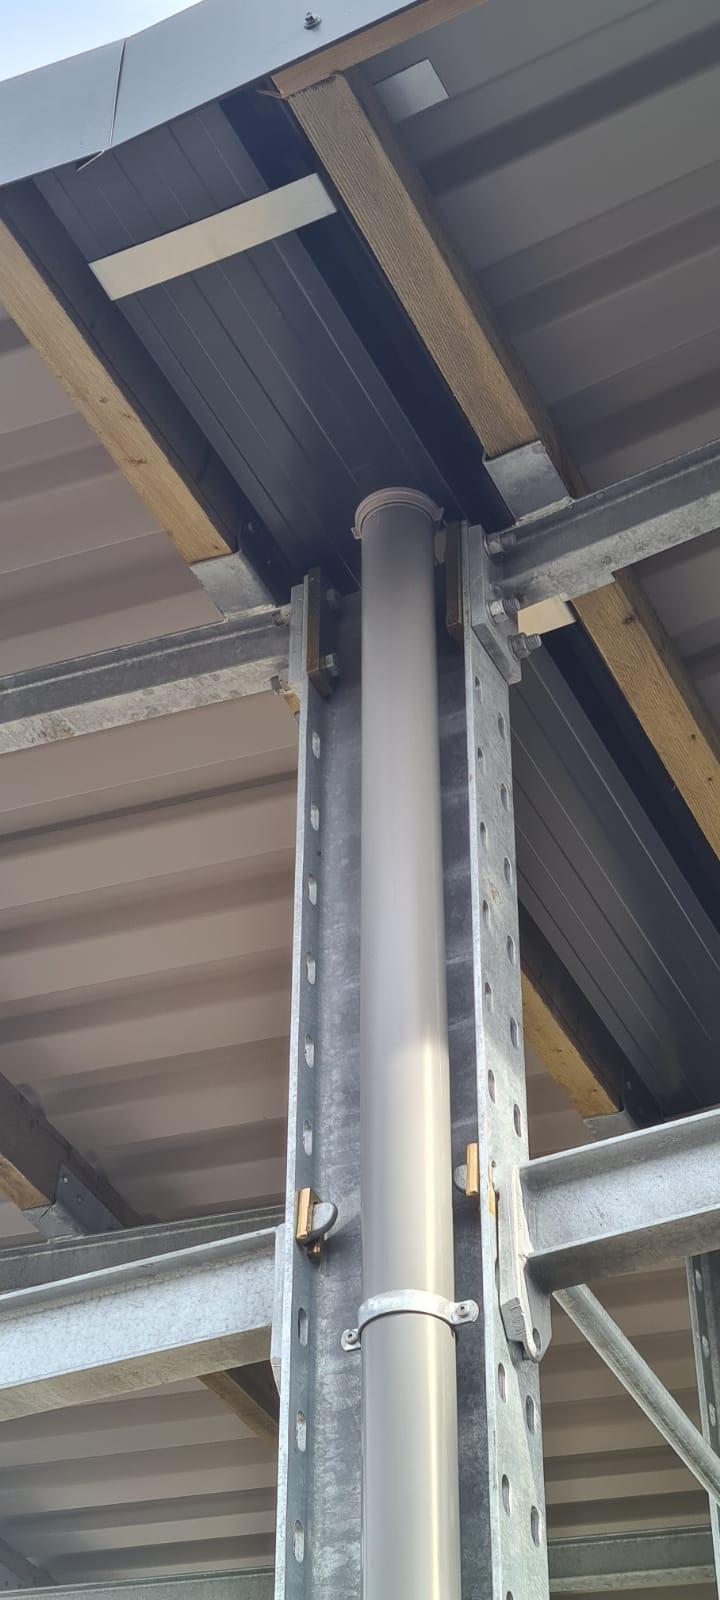 Type buiten met dak 3: draagarmrekken OHRA verzinkt met dak online uit voorraad